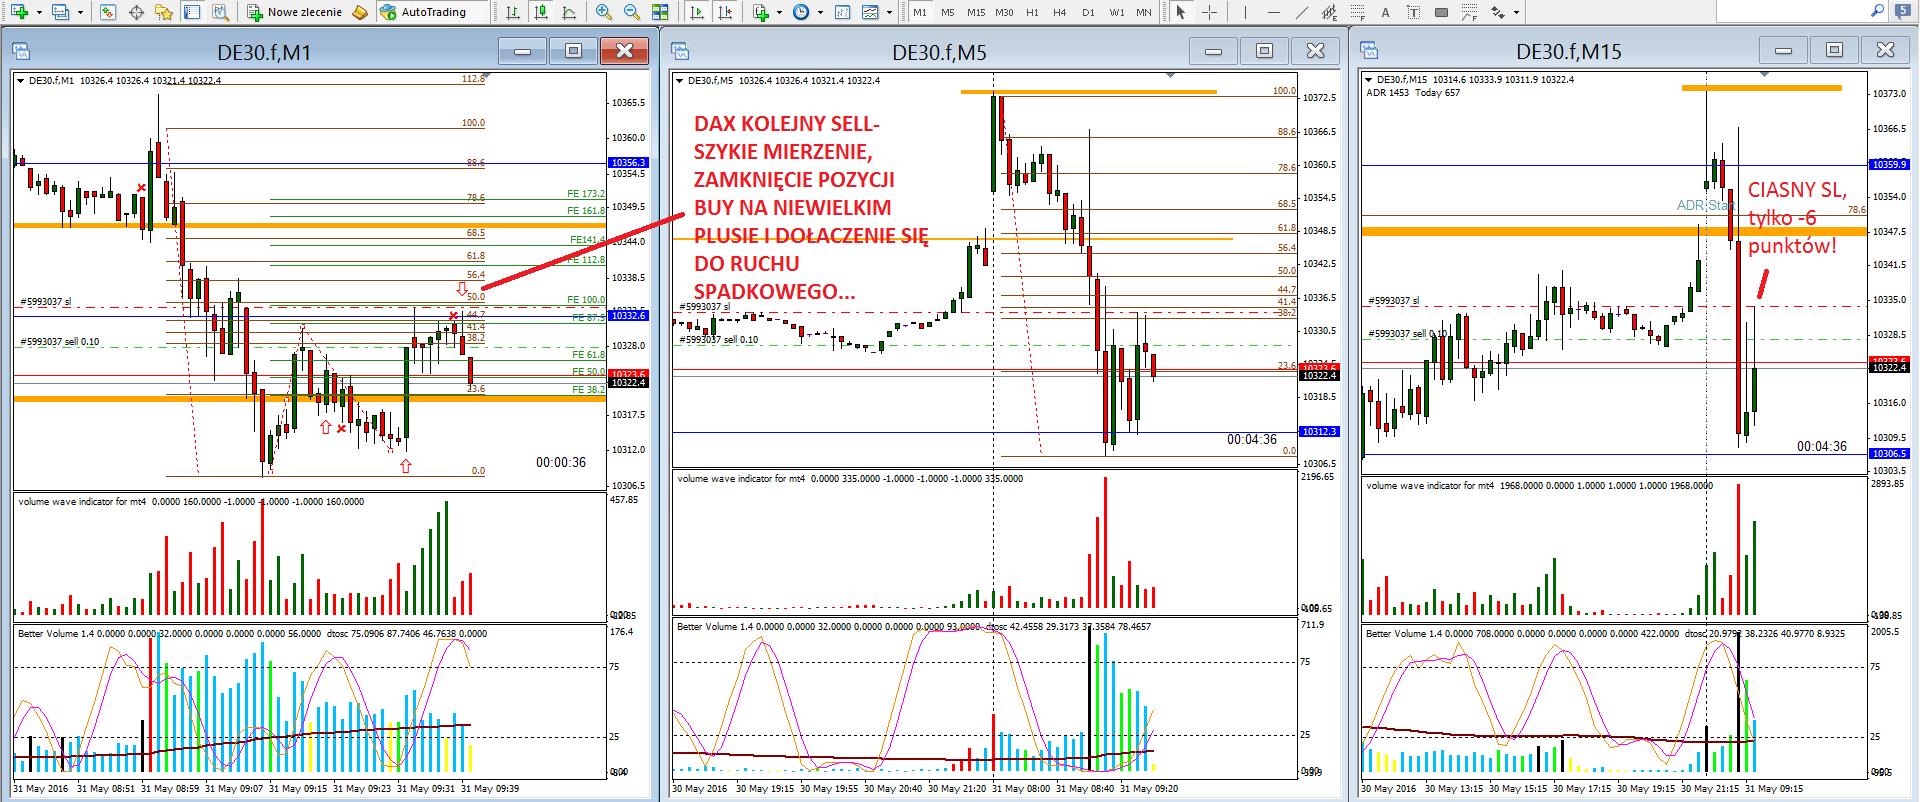 12-renko-scalping na renko-forex-skuteczna strategia-myforex-trader-trading-waluty-dax-prosta strategia tradingowa-broker-sukces-wolumen-vsa-świece japońskie-trading